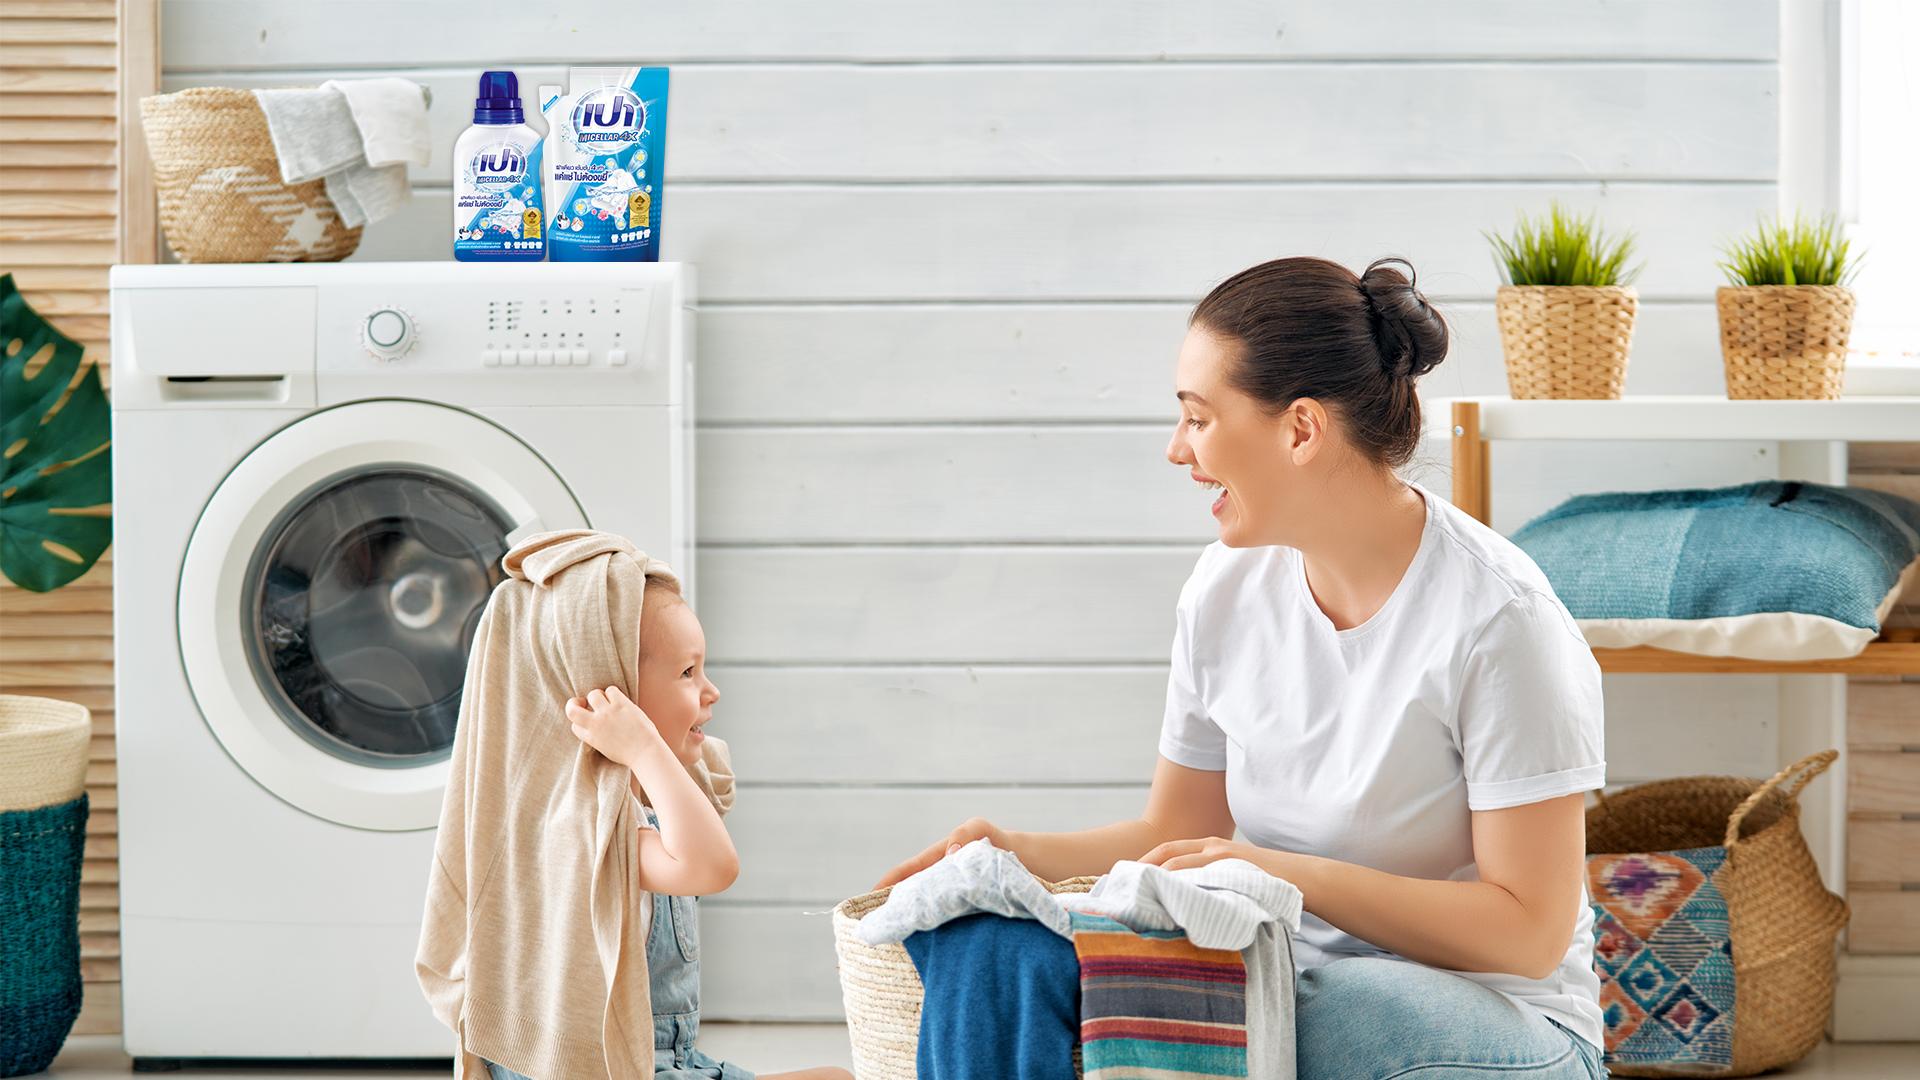 ปกป้องผ้า คราบออกง่าย เคล็ดลับง่ายๆ แค่เลือกผลิตภัณฑ์ซักผ้าที่มีประสิทธิภาพ